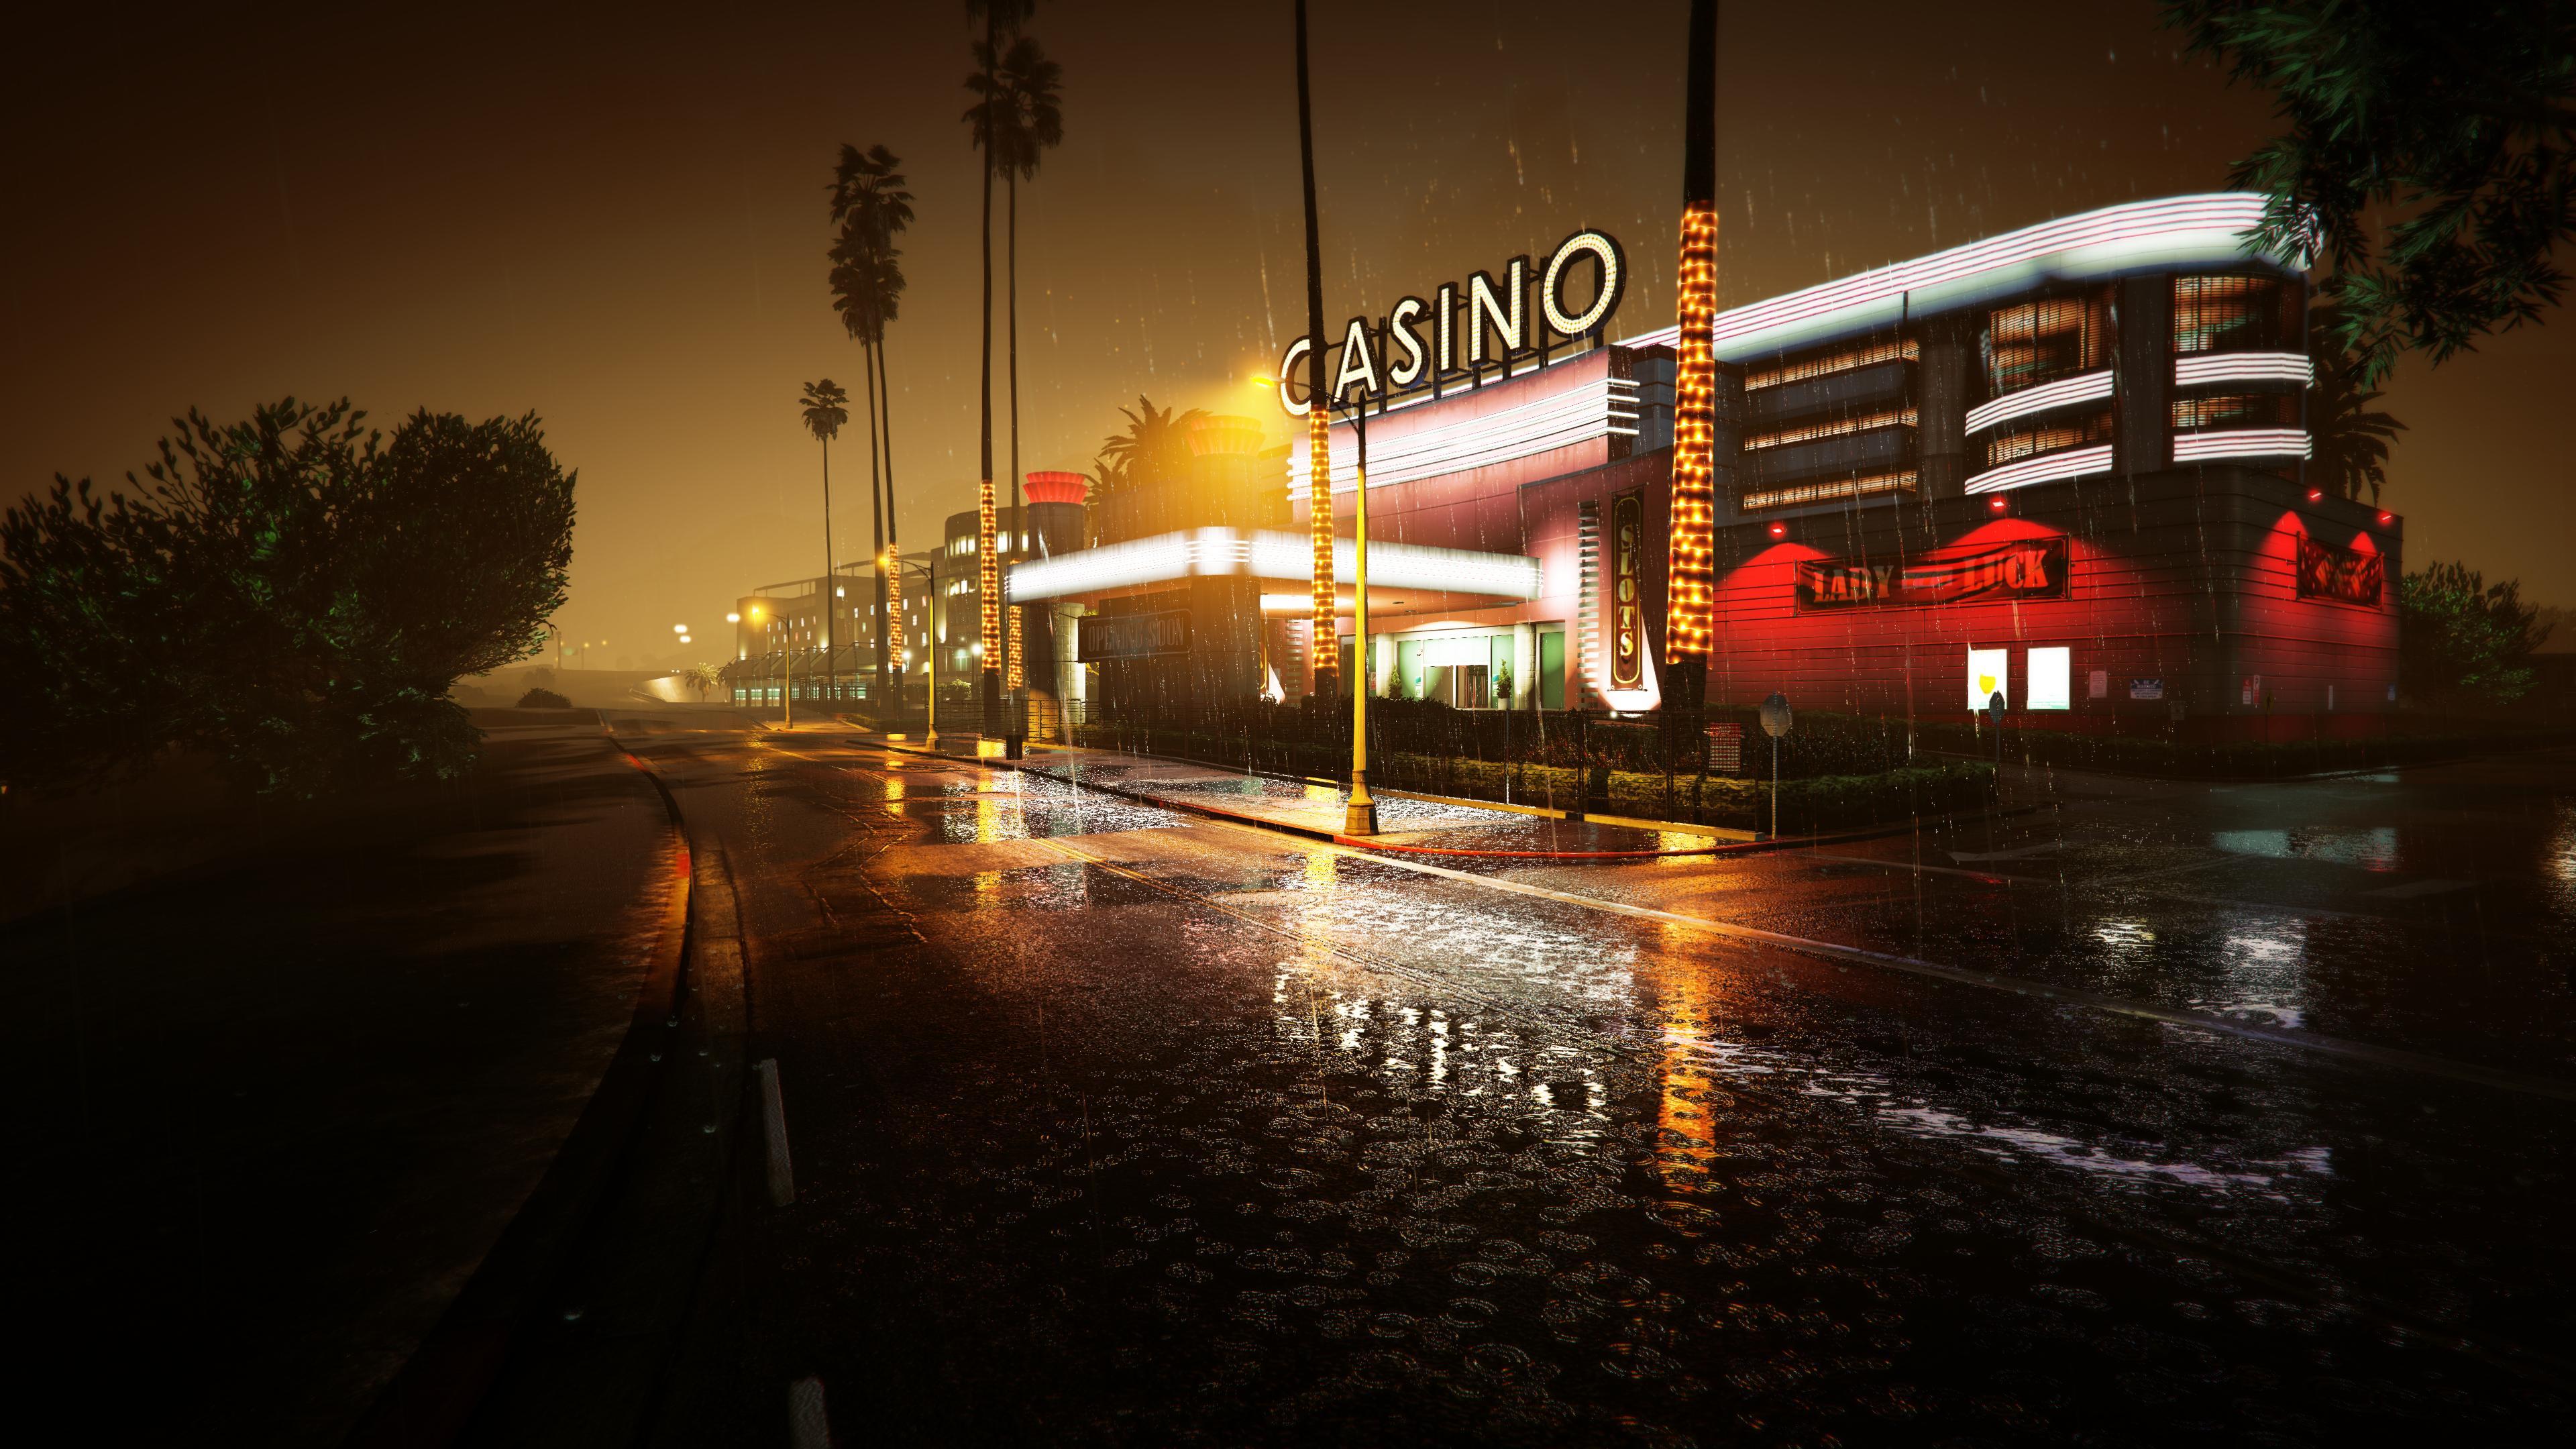 Casino gta online бездепозитные бонусы казино 2020 за